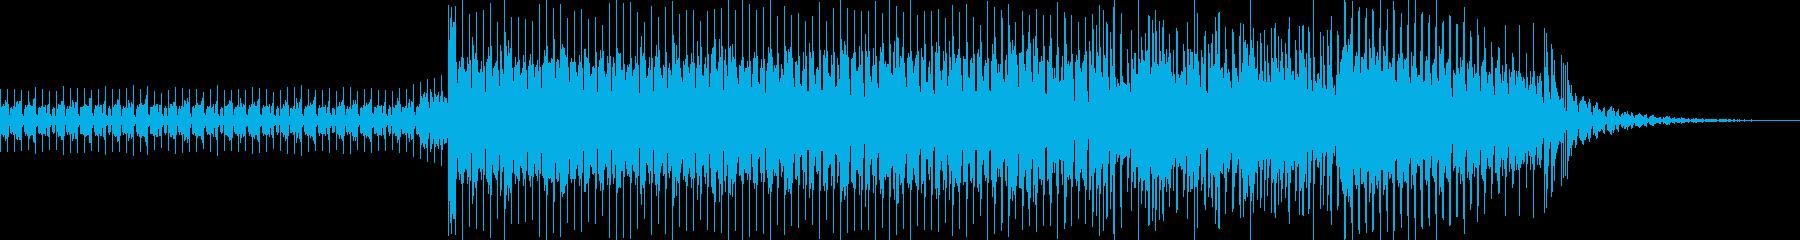 今風の明るい感じのEDMの再生済みの波形